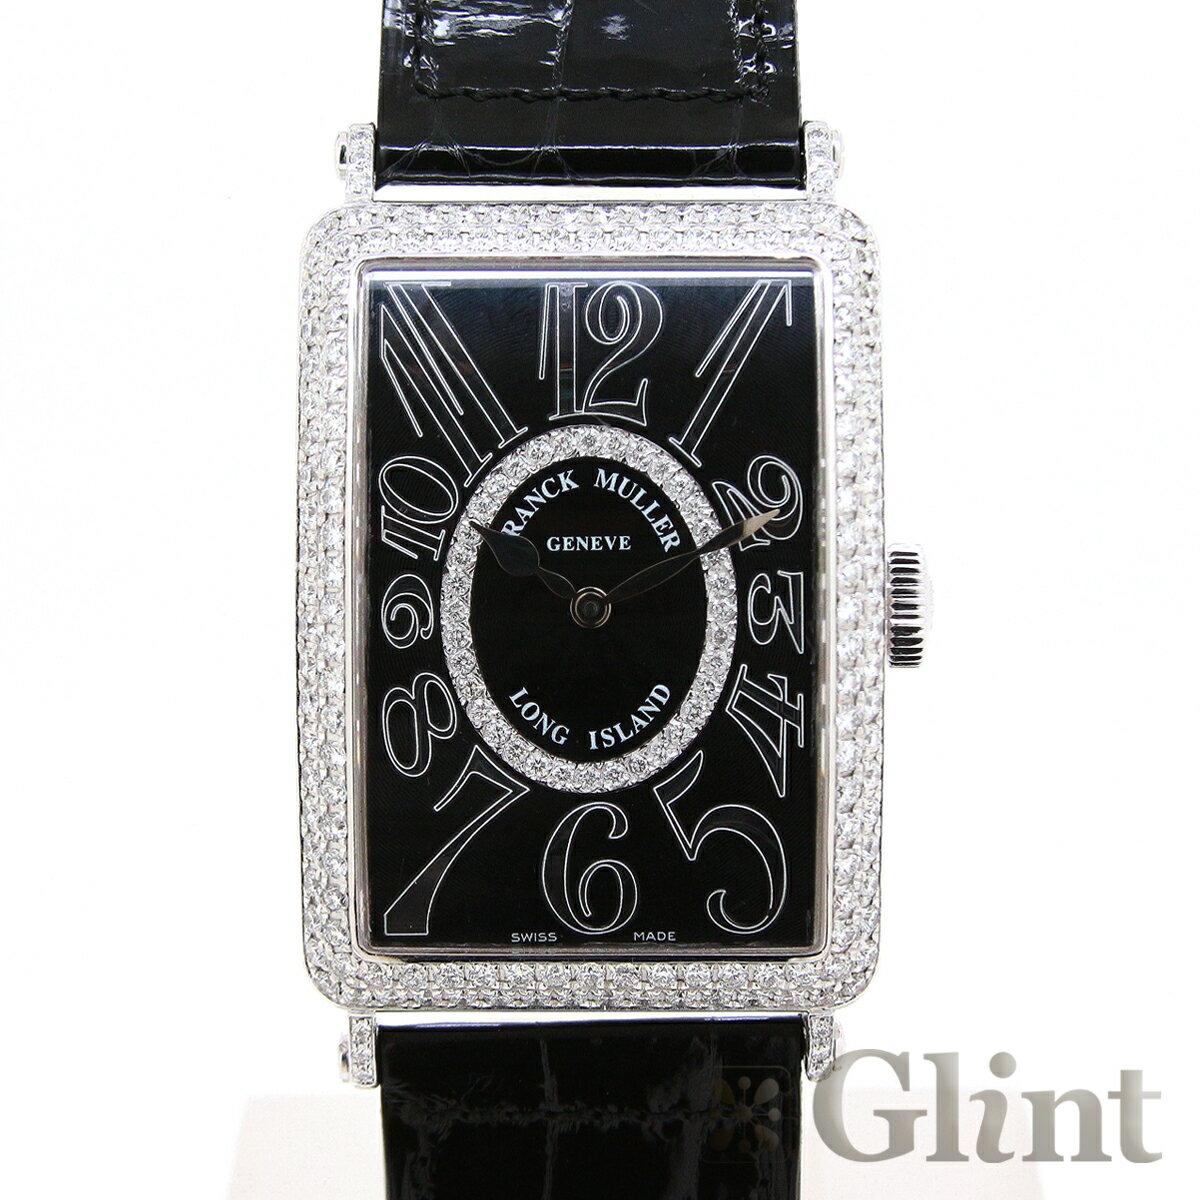 フランクミュラー(FRANCK MULLER) ロングアイランド ダイヤモンド 1200 SC RELIEF D CD 1R 〔純正品〕〔18Kホワイトゴールド〕〔腕時計〕〔メンズ〕【中古】